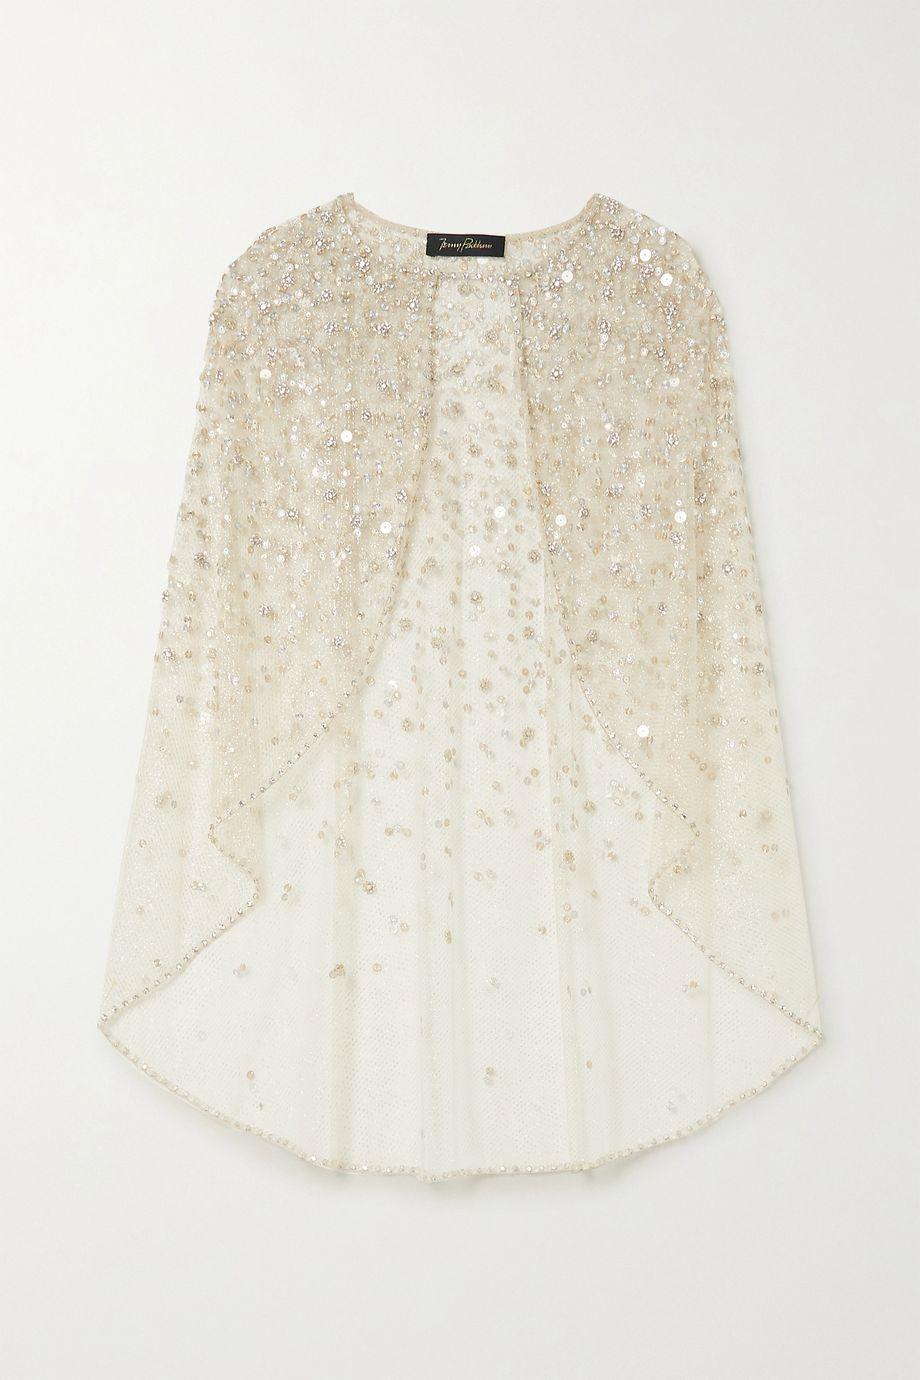 Jenny Packham Florentine embellished glittered tulle cape